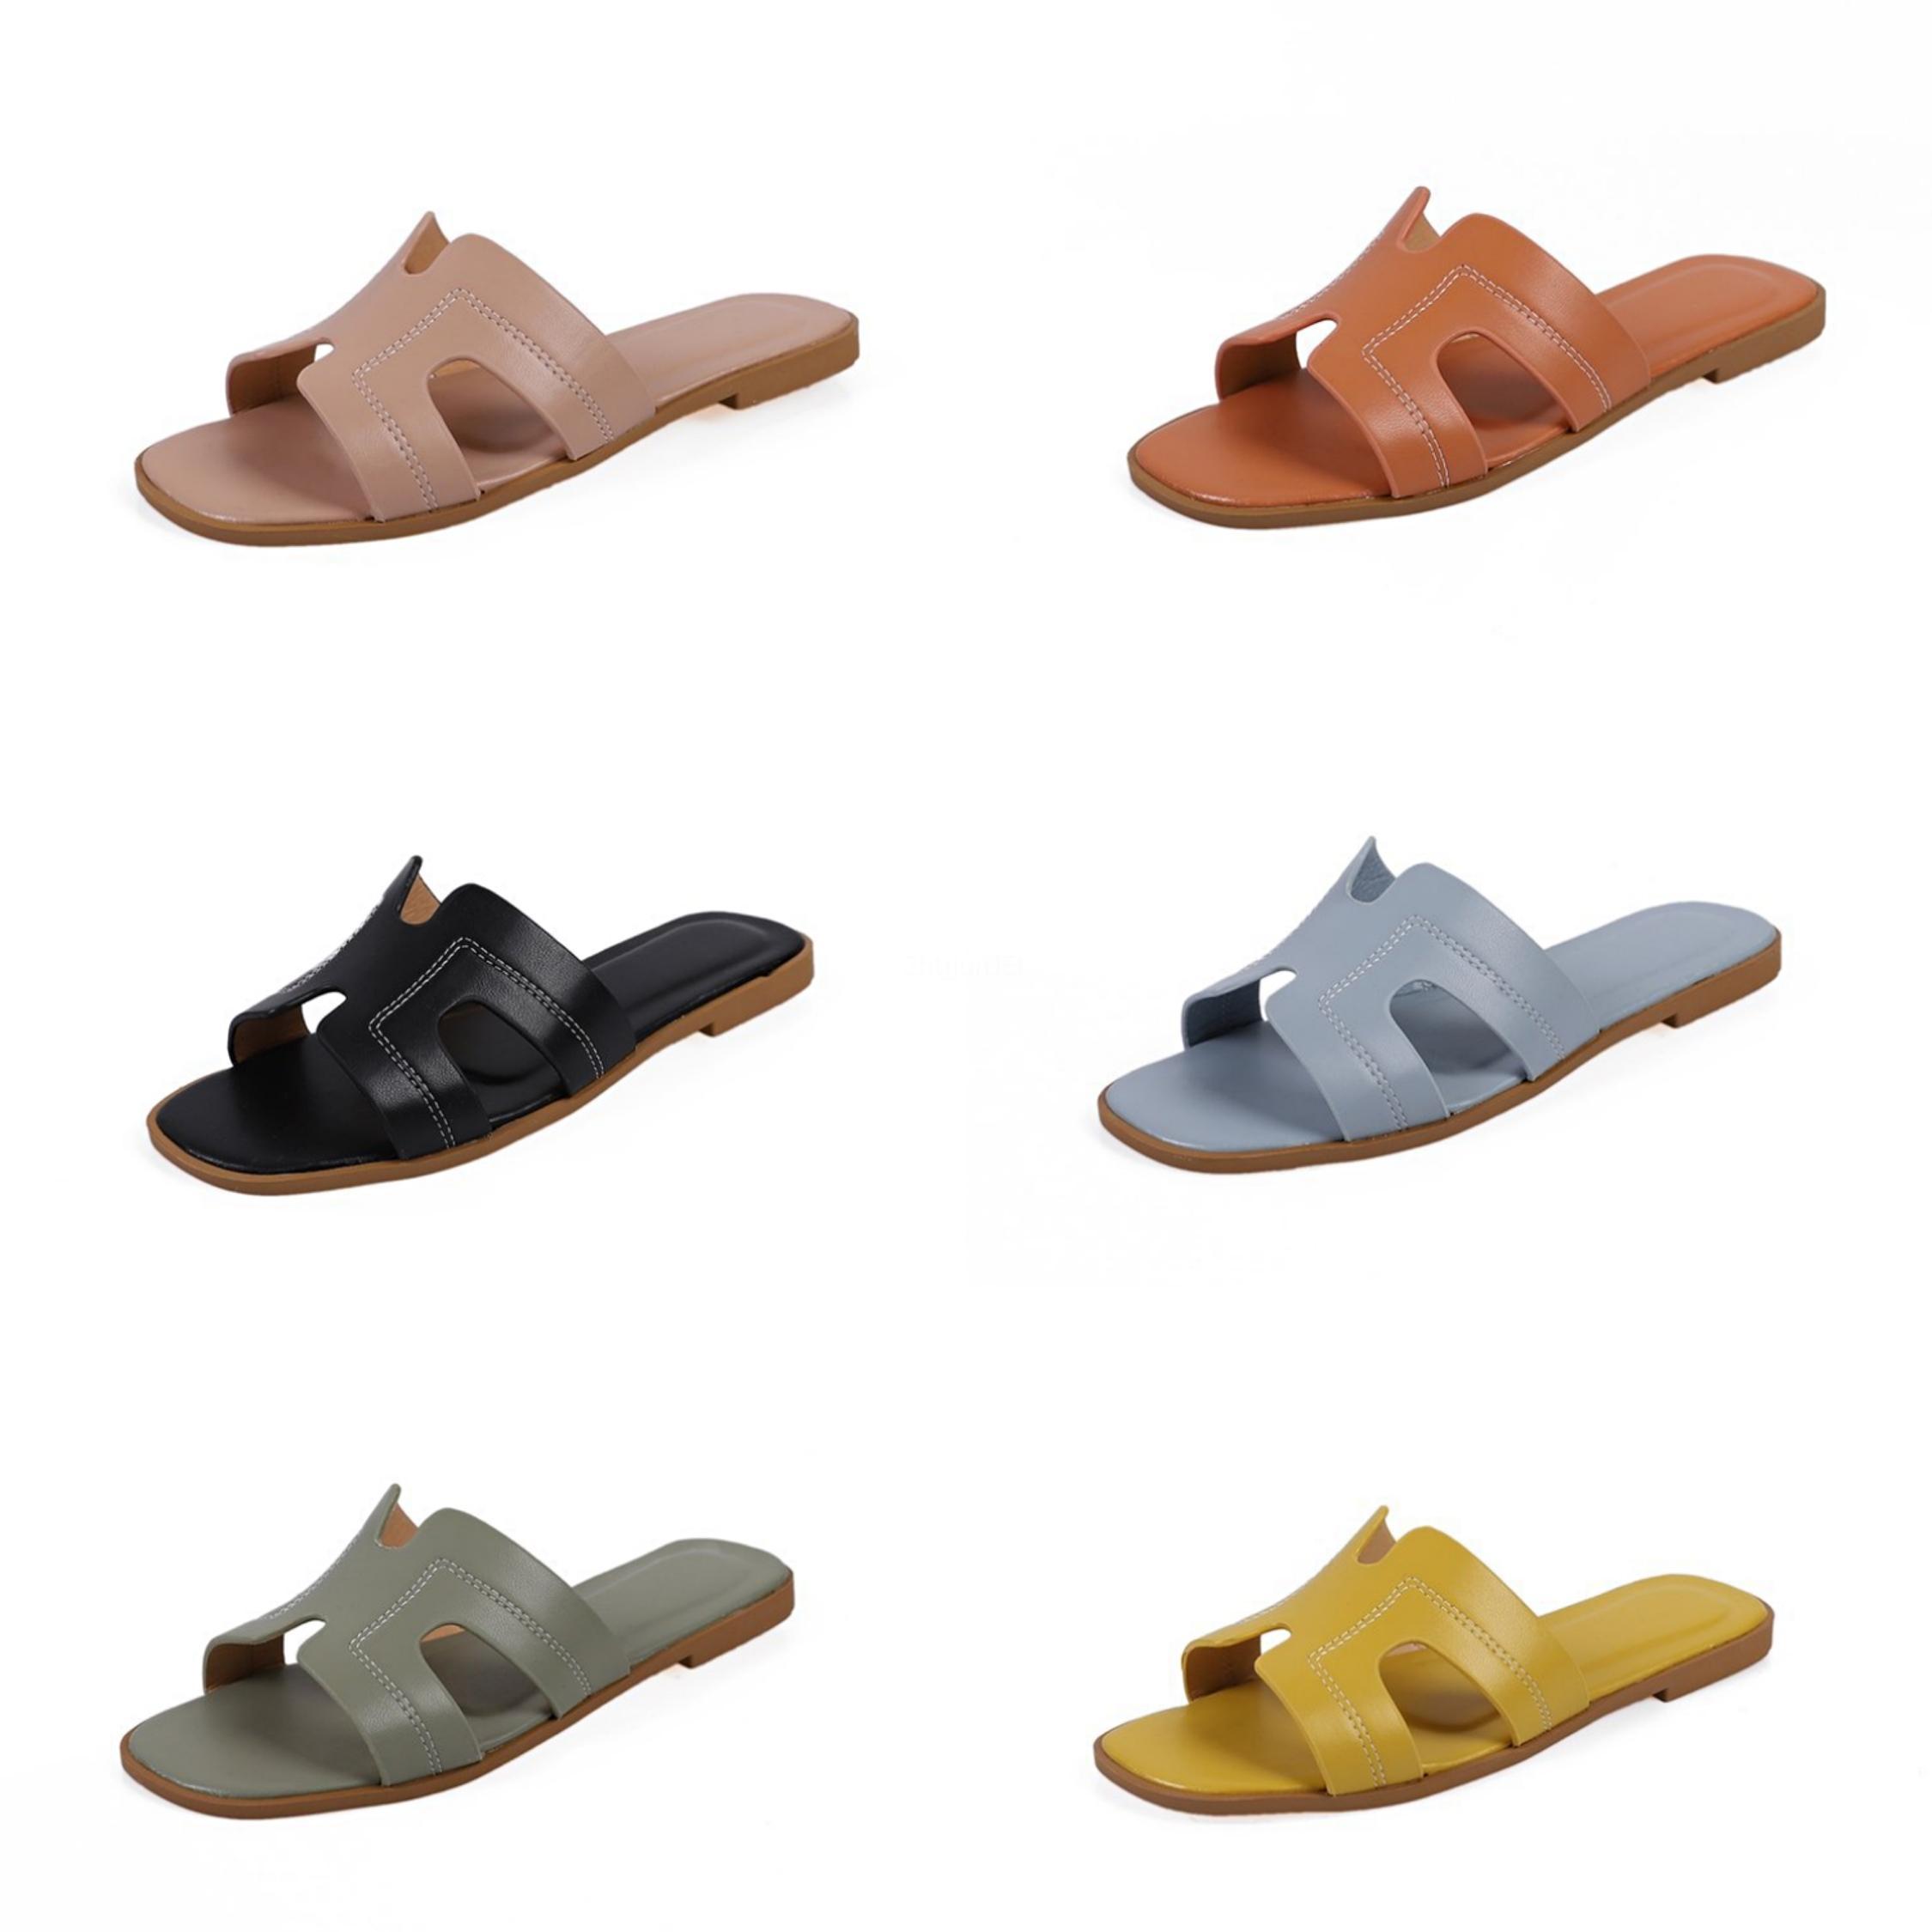 Kadınlar Terlik Weddging Gümüş Yüksek Topuklar Bling 2020 Yaz Ayakkabı kadın elbise ayakkabı # 489 Bayanlar Zapatos Mujer pompaları